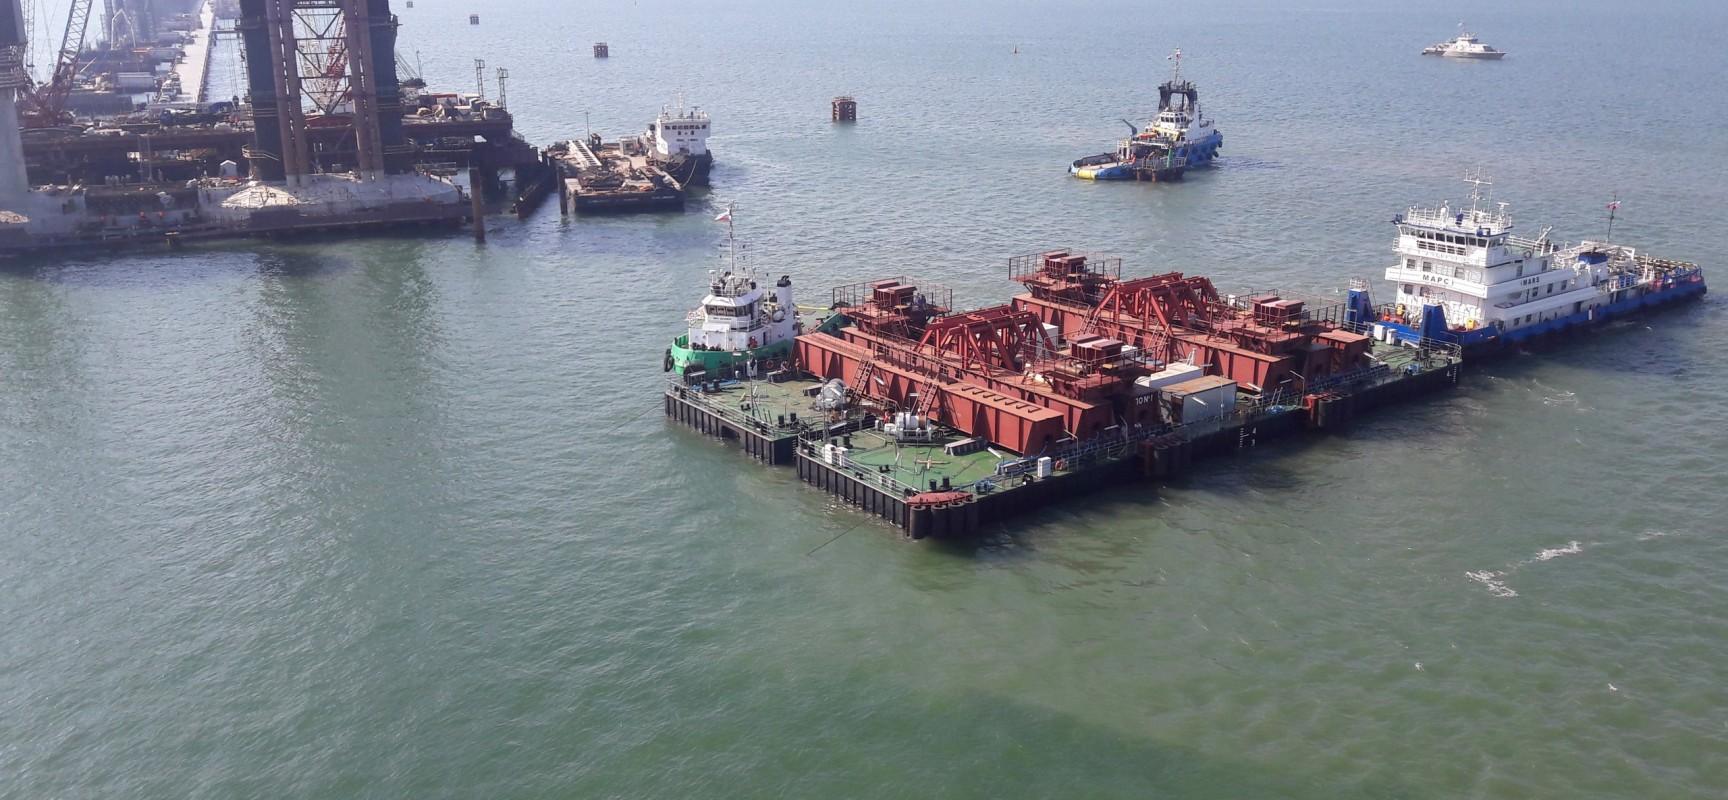 В Керченском проливе протестирована плавучая система для перевозки арок моста через Керченский пролив